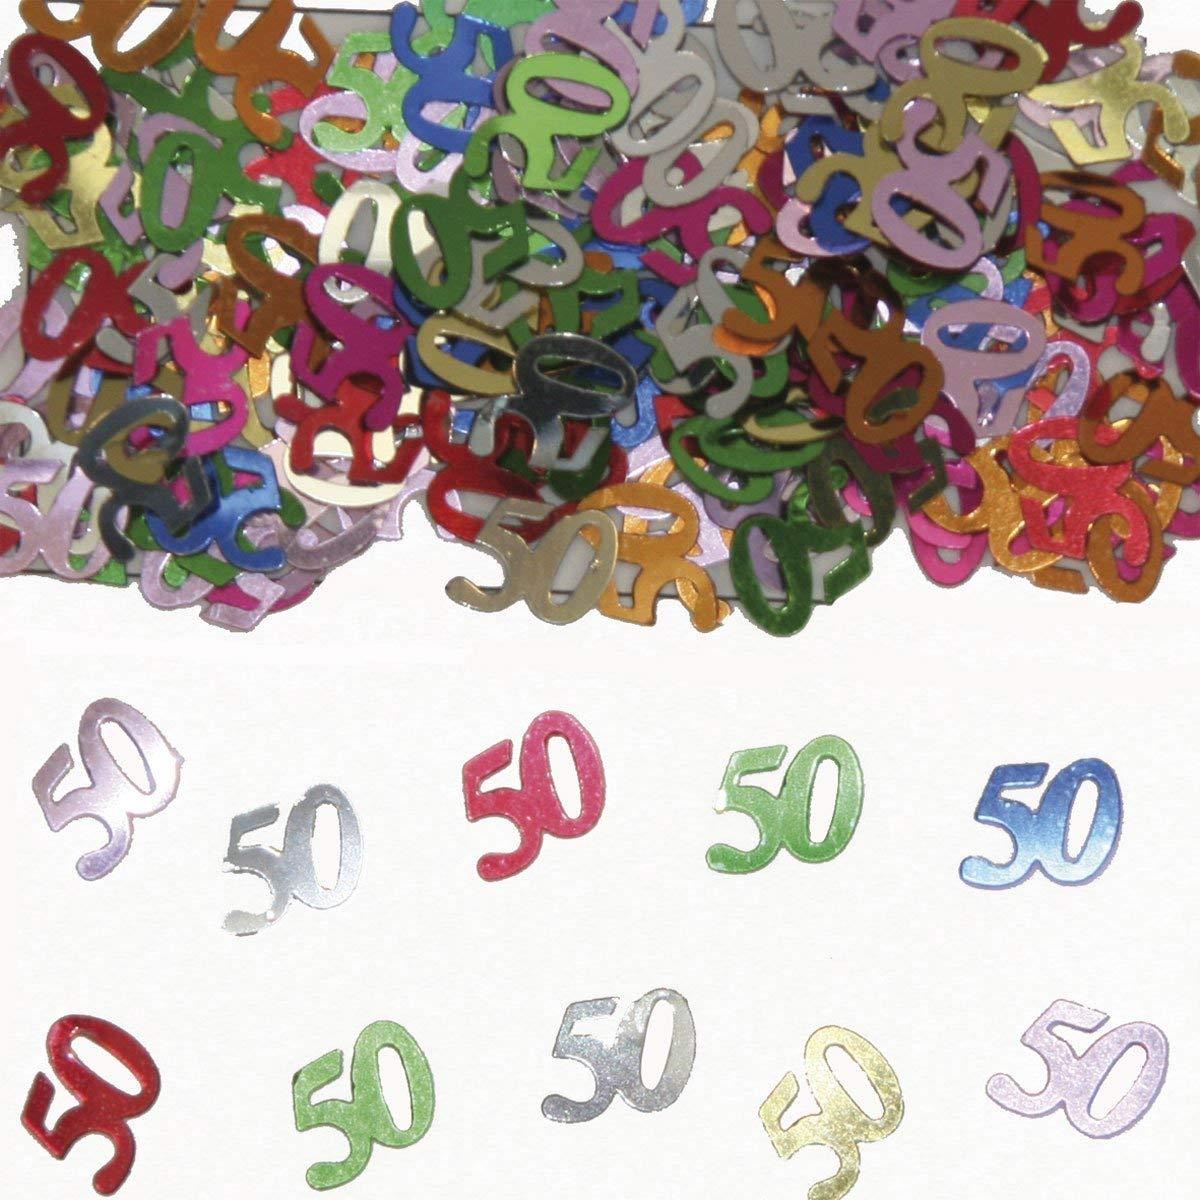 Party Konfetti Streudekoration zum 50igsten Geburtstag